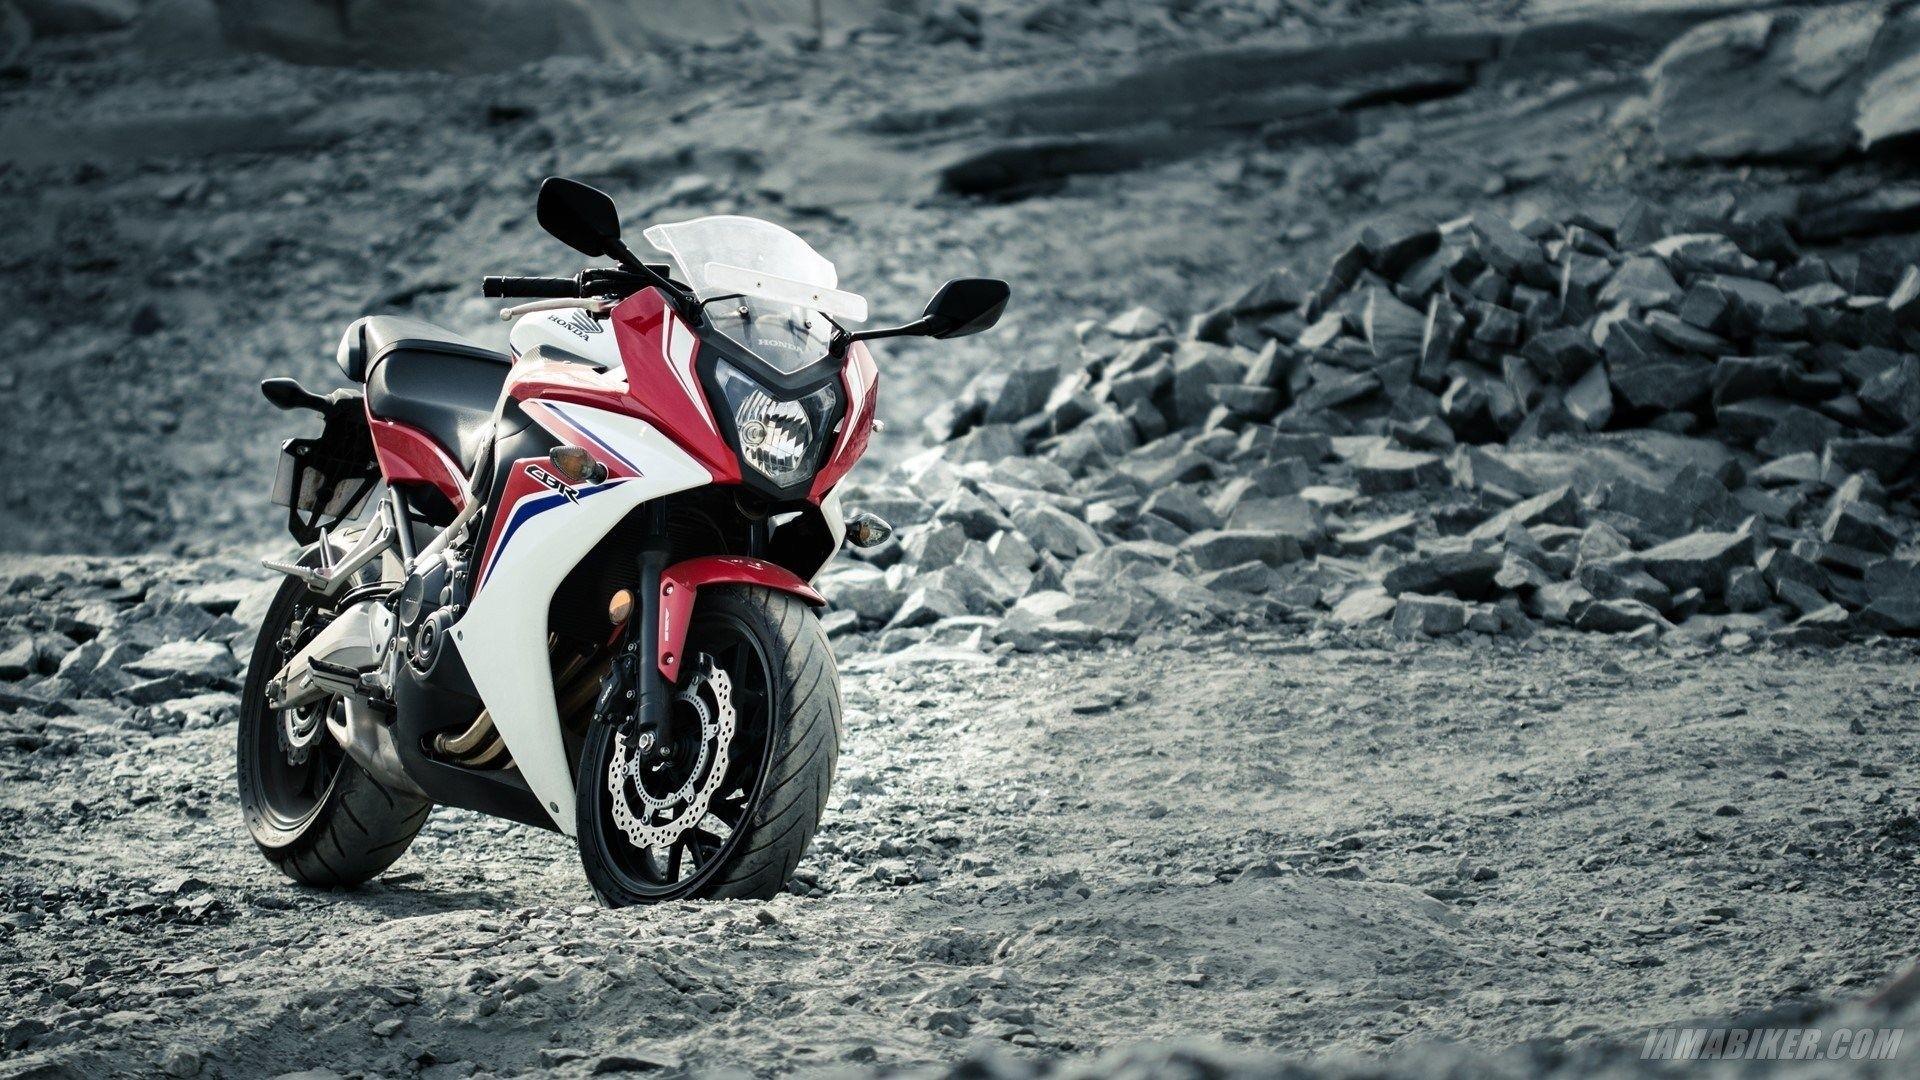 Motorcycle Desktop wallpaper